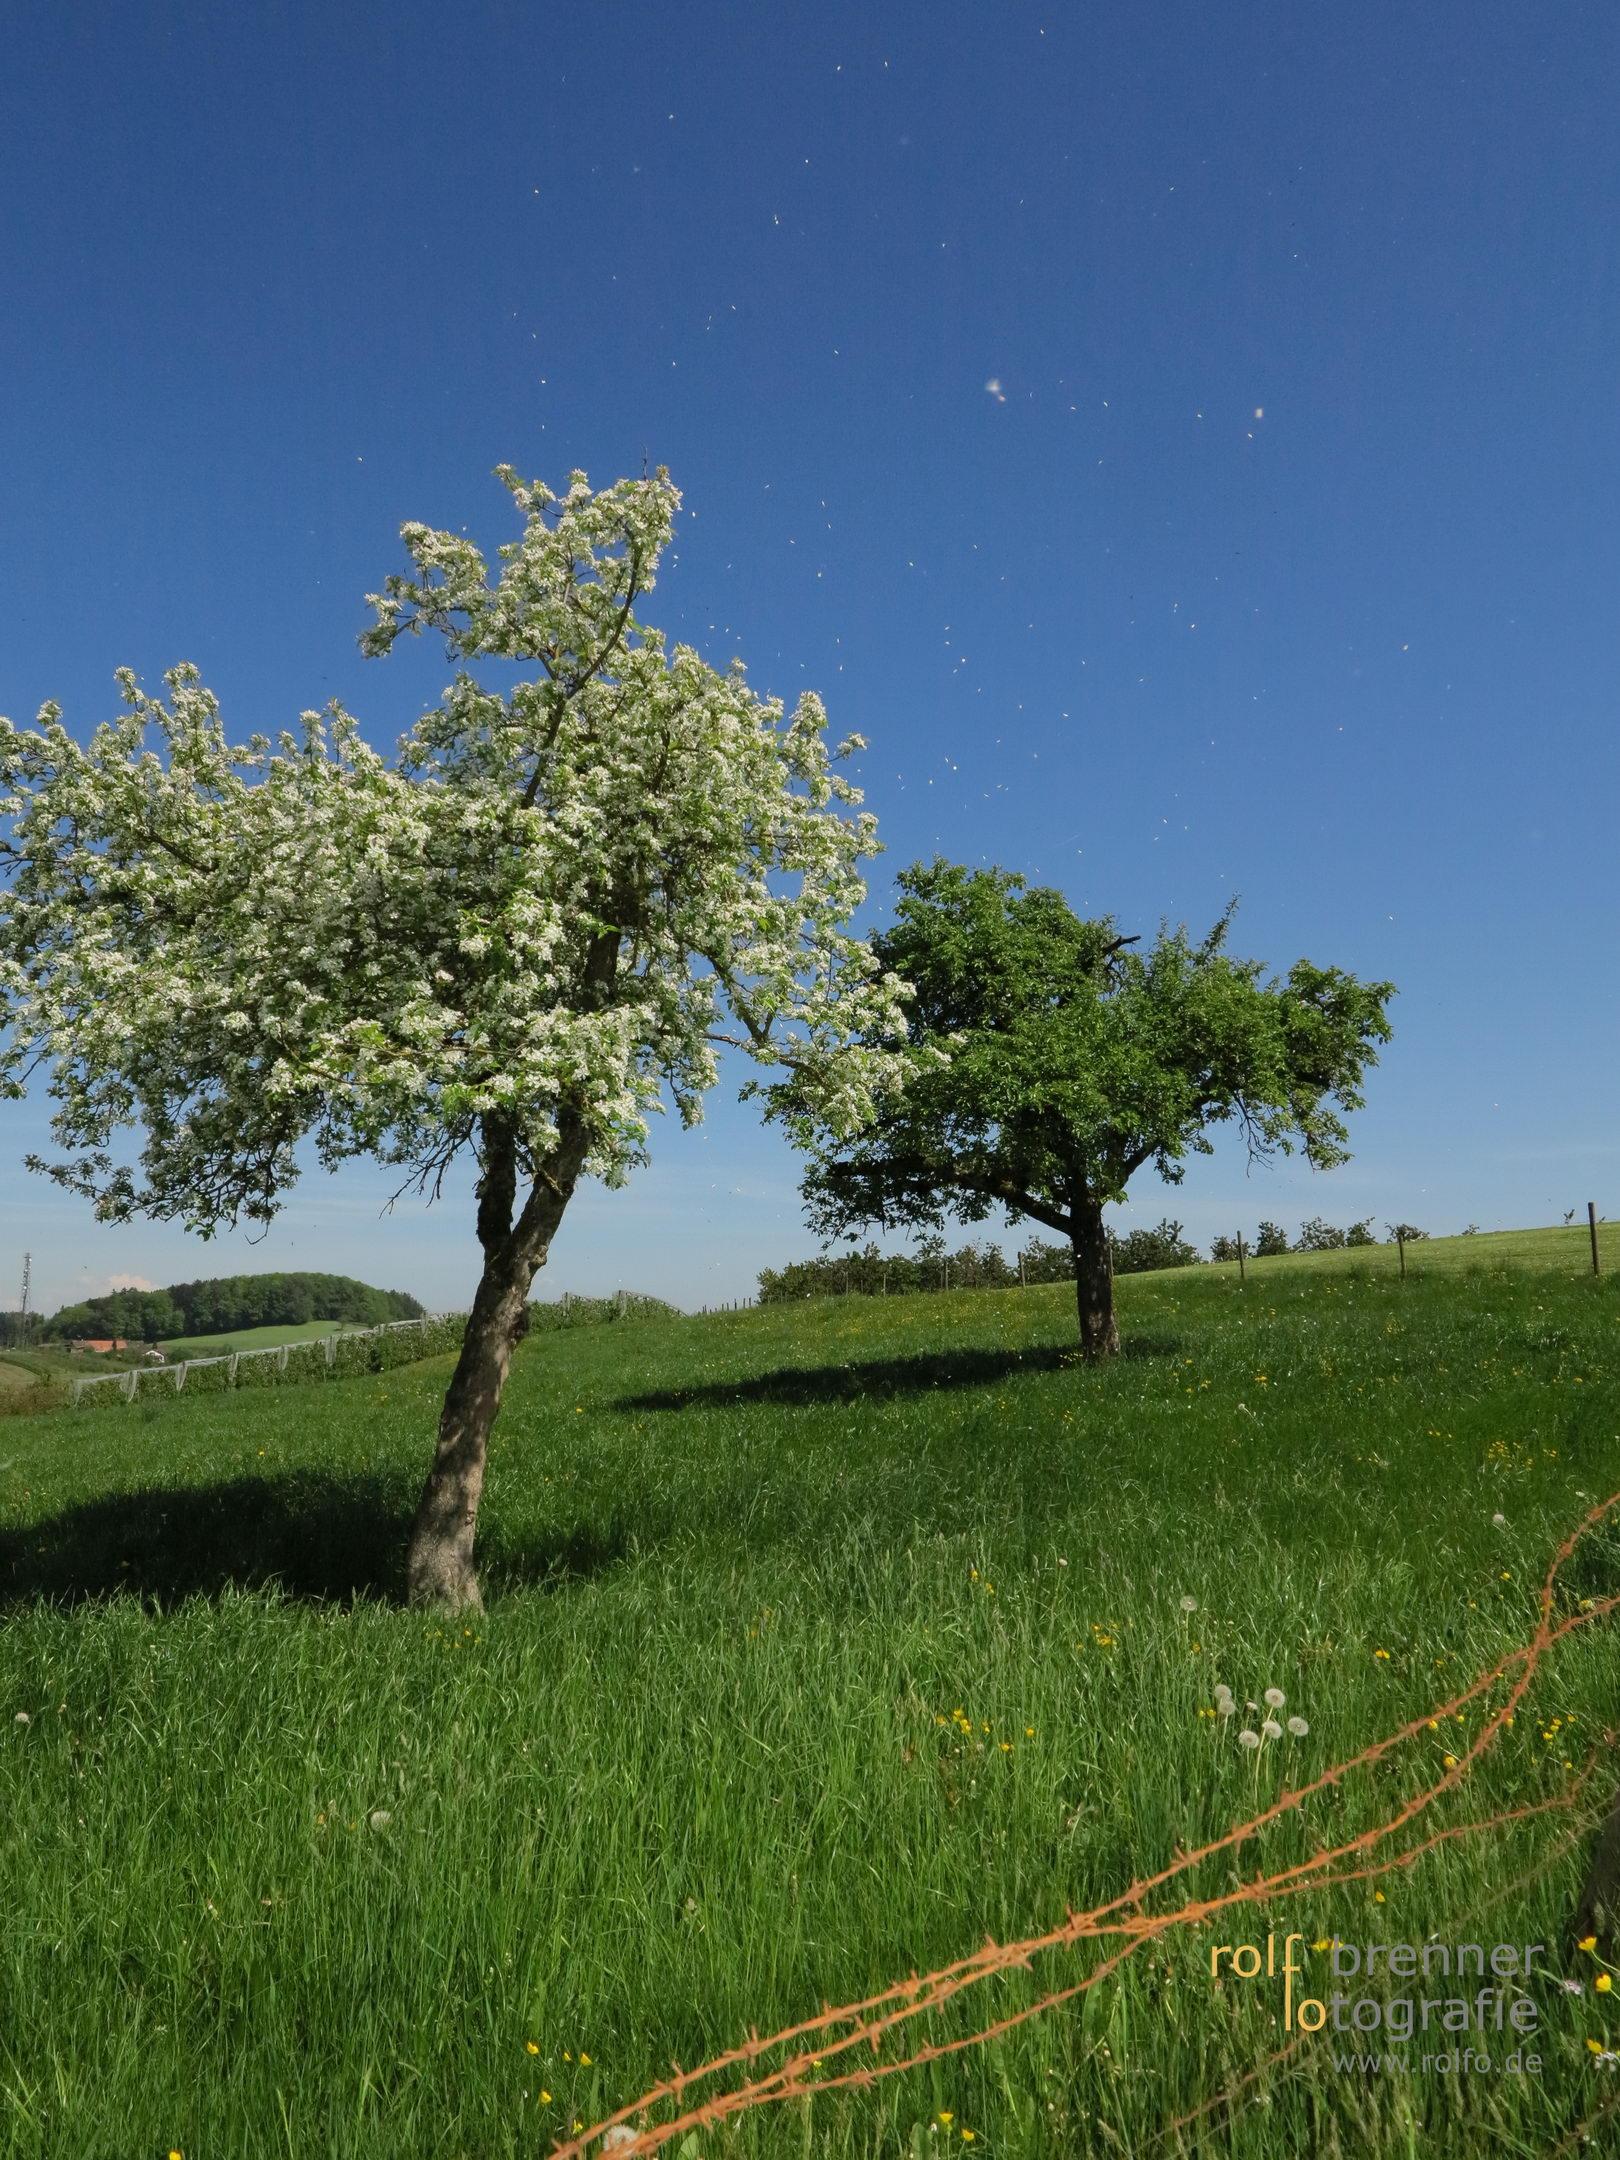 Apfelblüten werden vom Wind fortgetragen